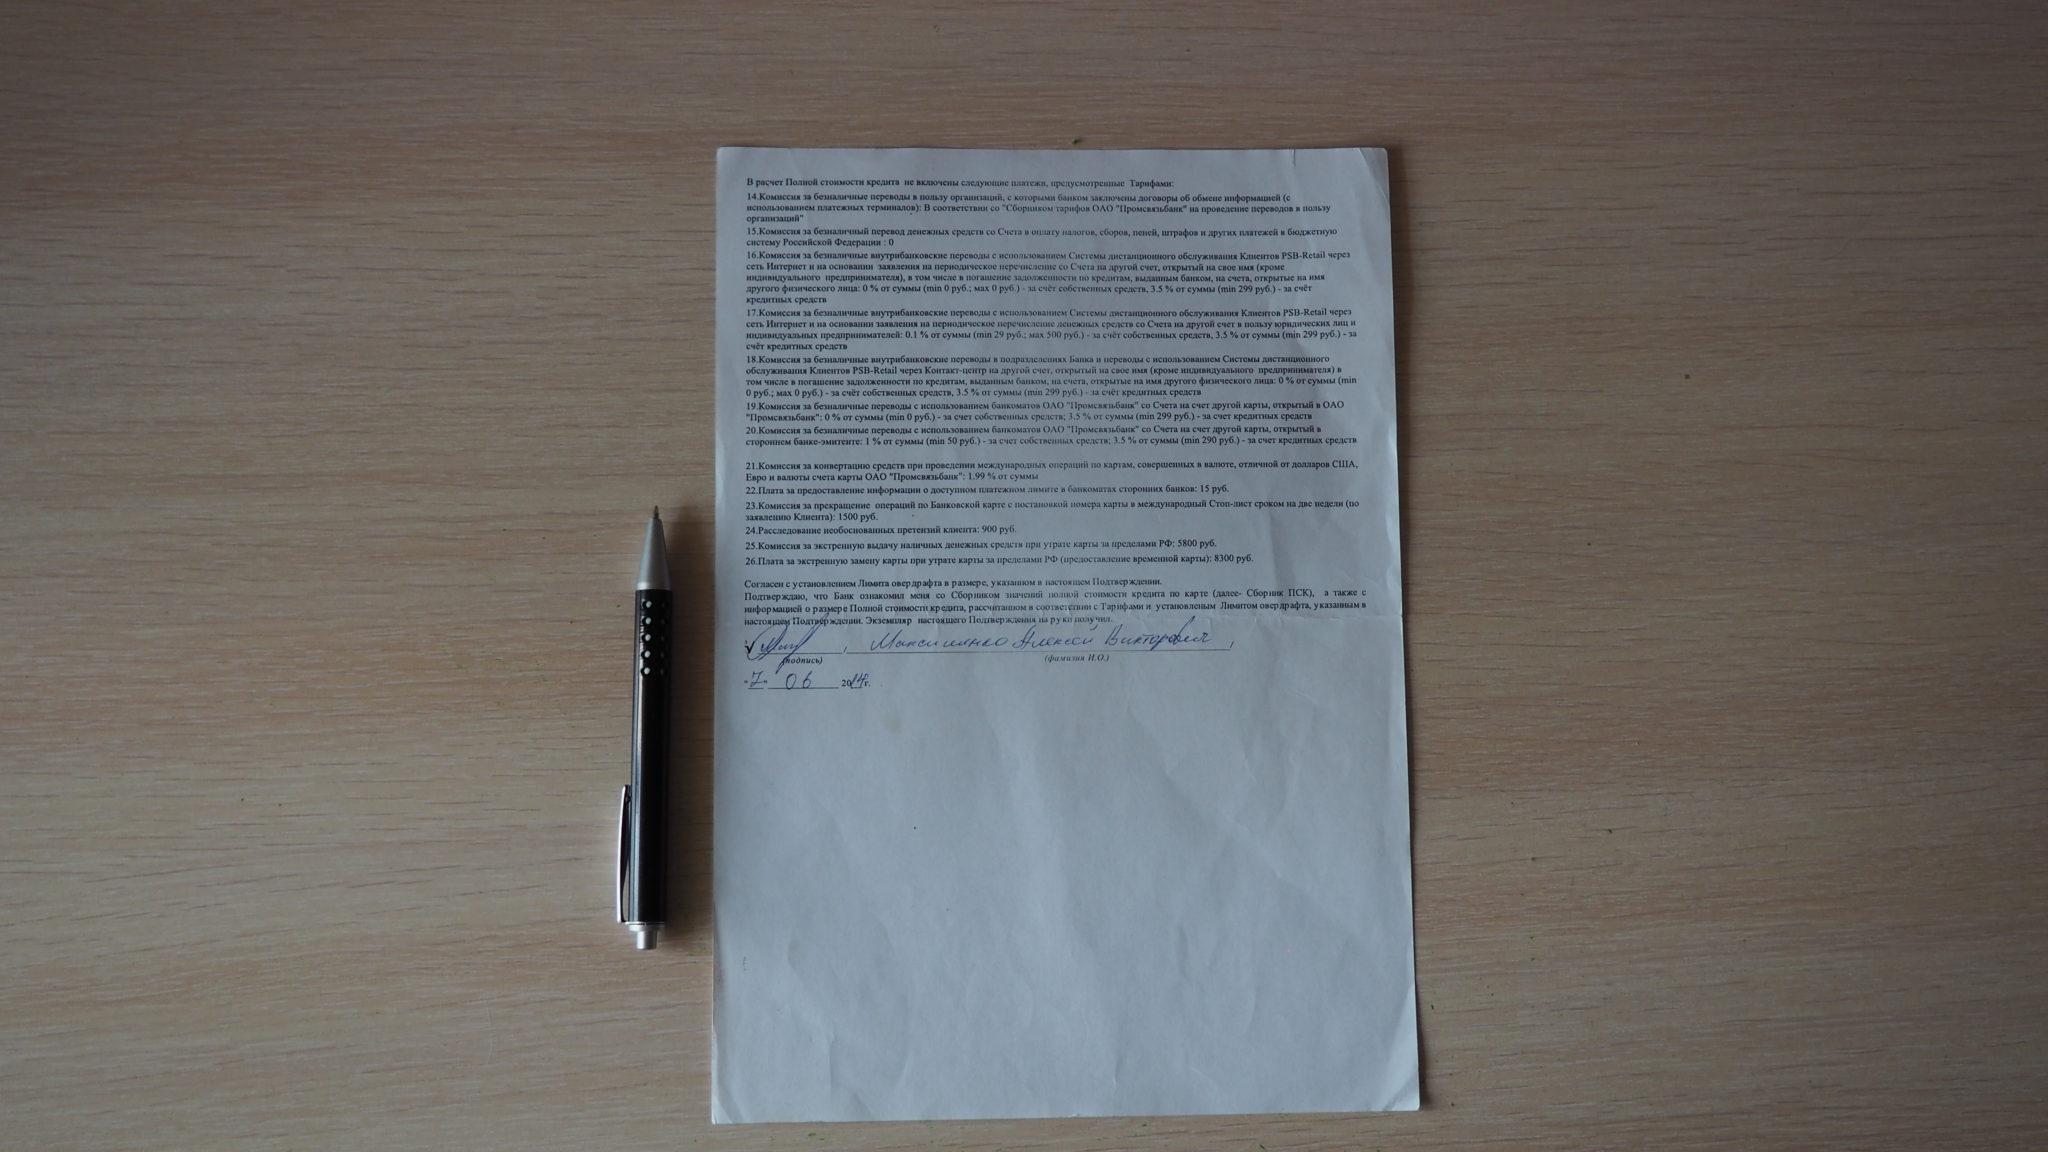 Заявление на служебное жилье commercespecification.